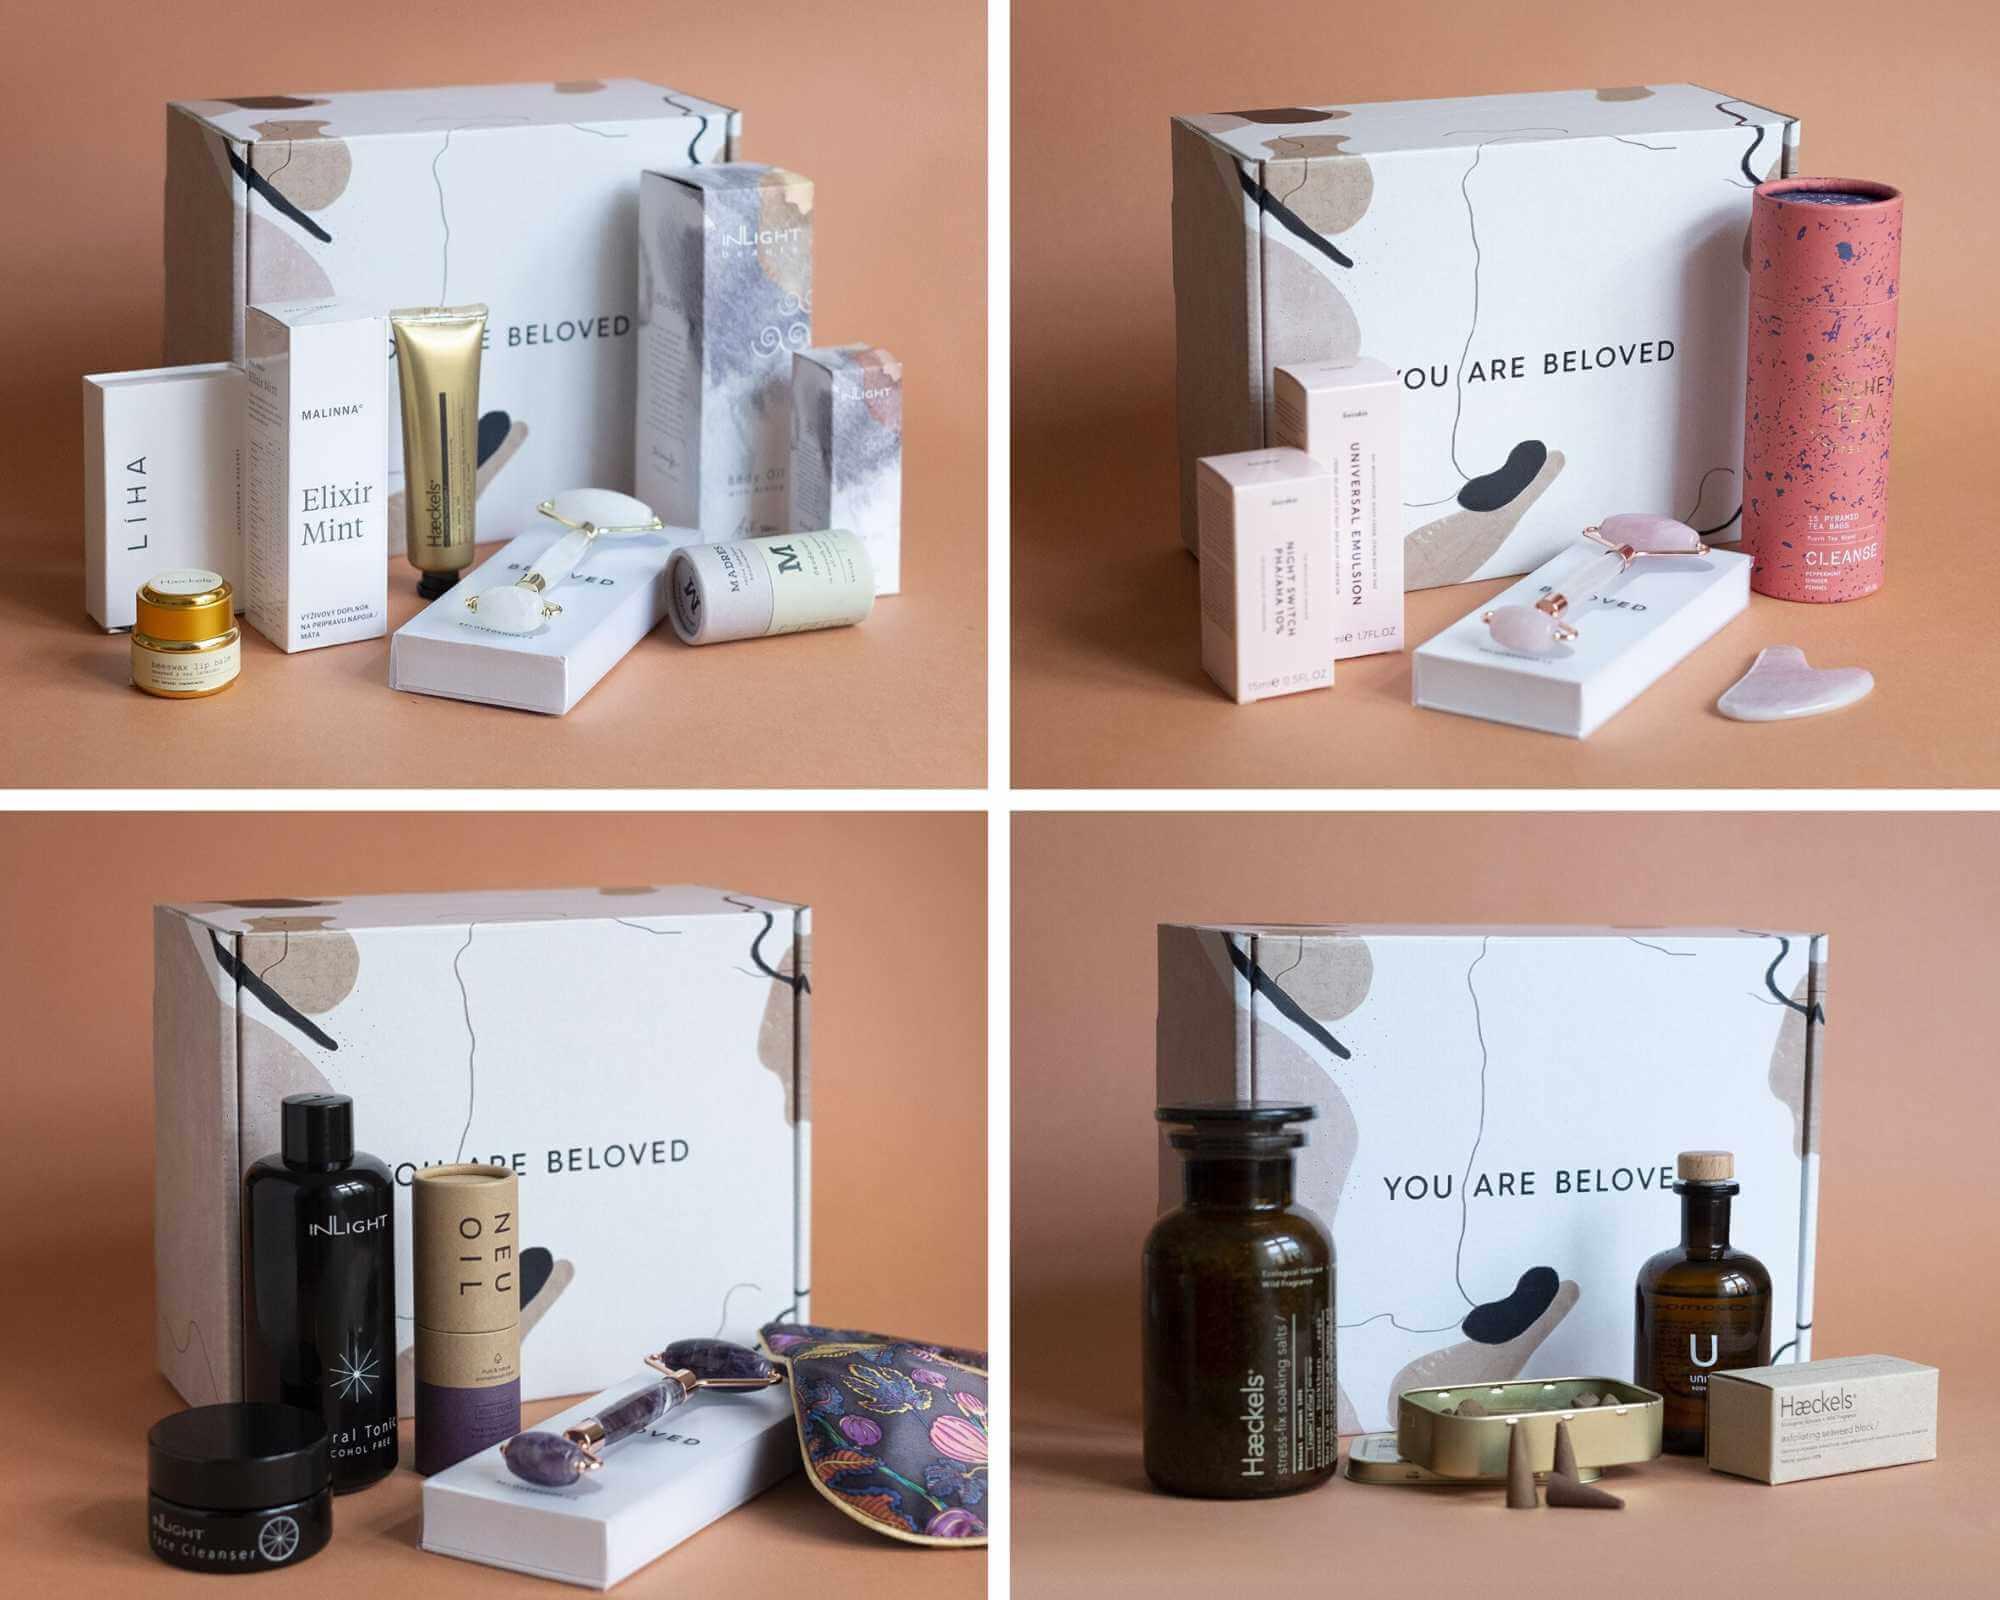 Différentes offres de cosmétiques éco-responsables de Beloved Shop